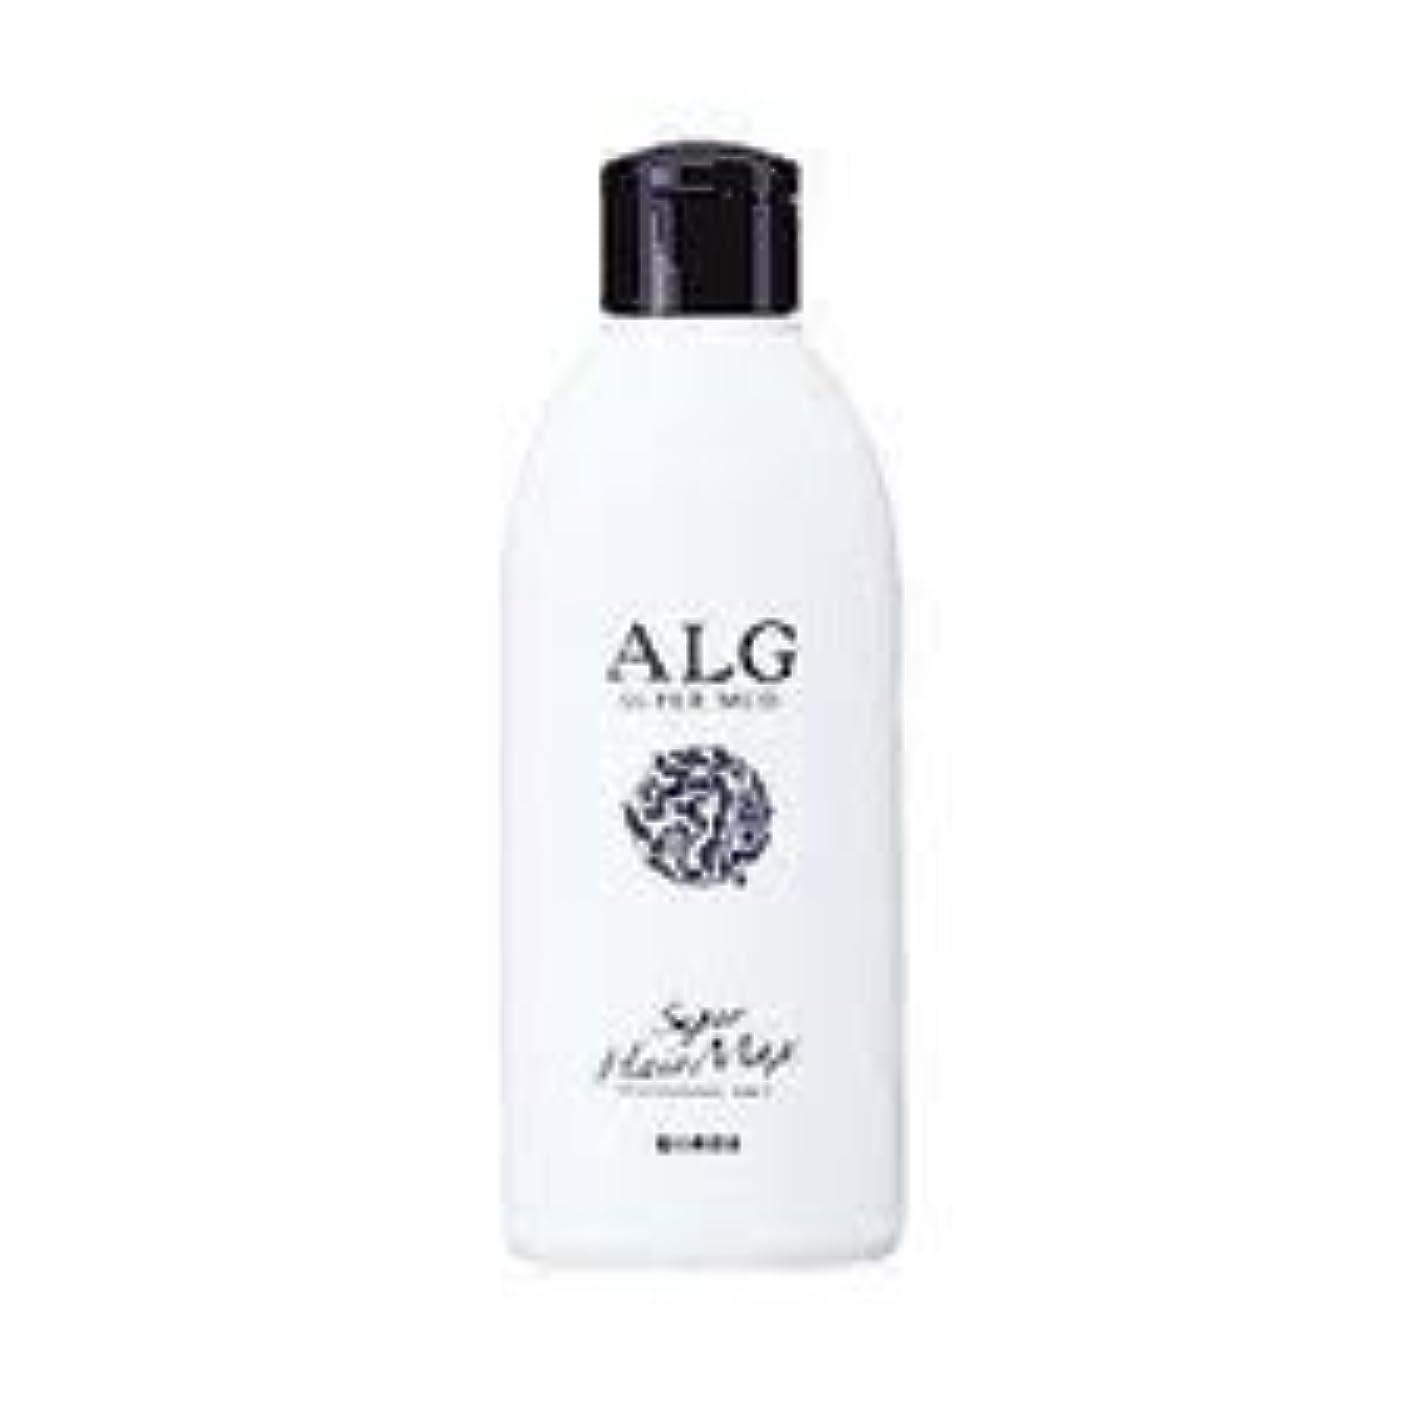 香水流出ビールパシフィックプロダクツ アルグスーパーヘアマックスM 150ml